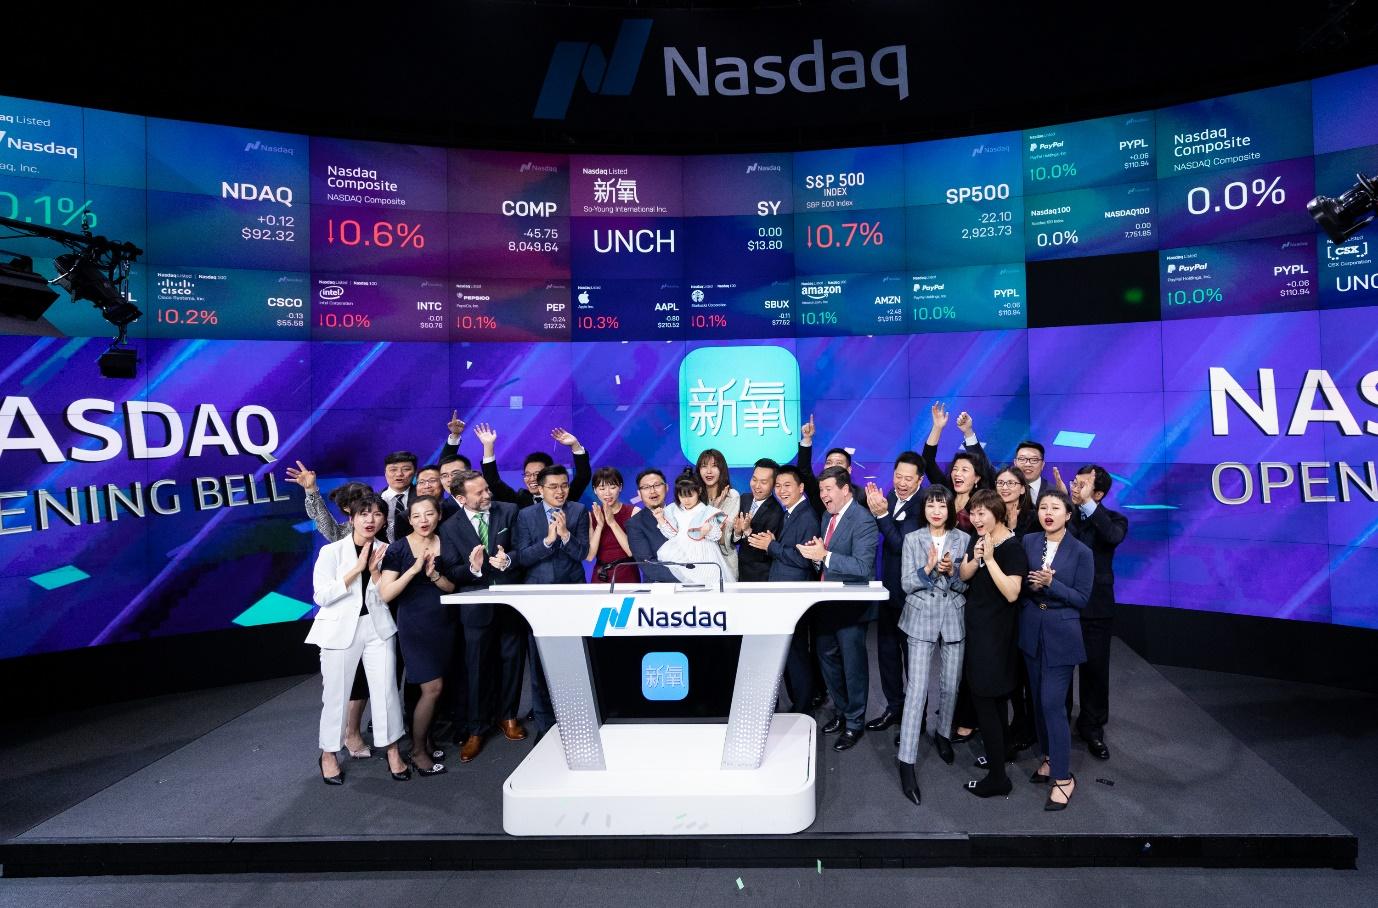 新氧科技成功登陆纳斯达克,总市值13.8亿美元